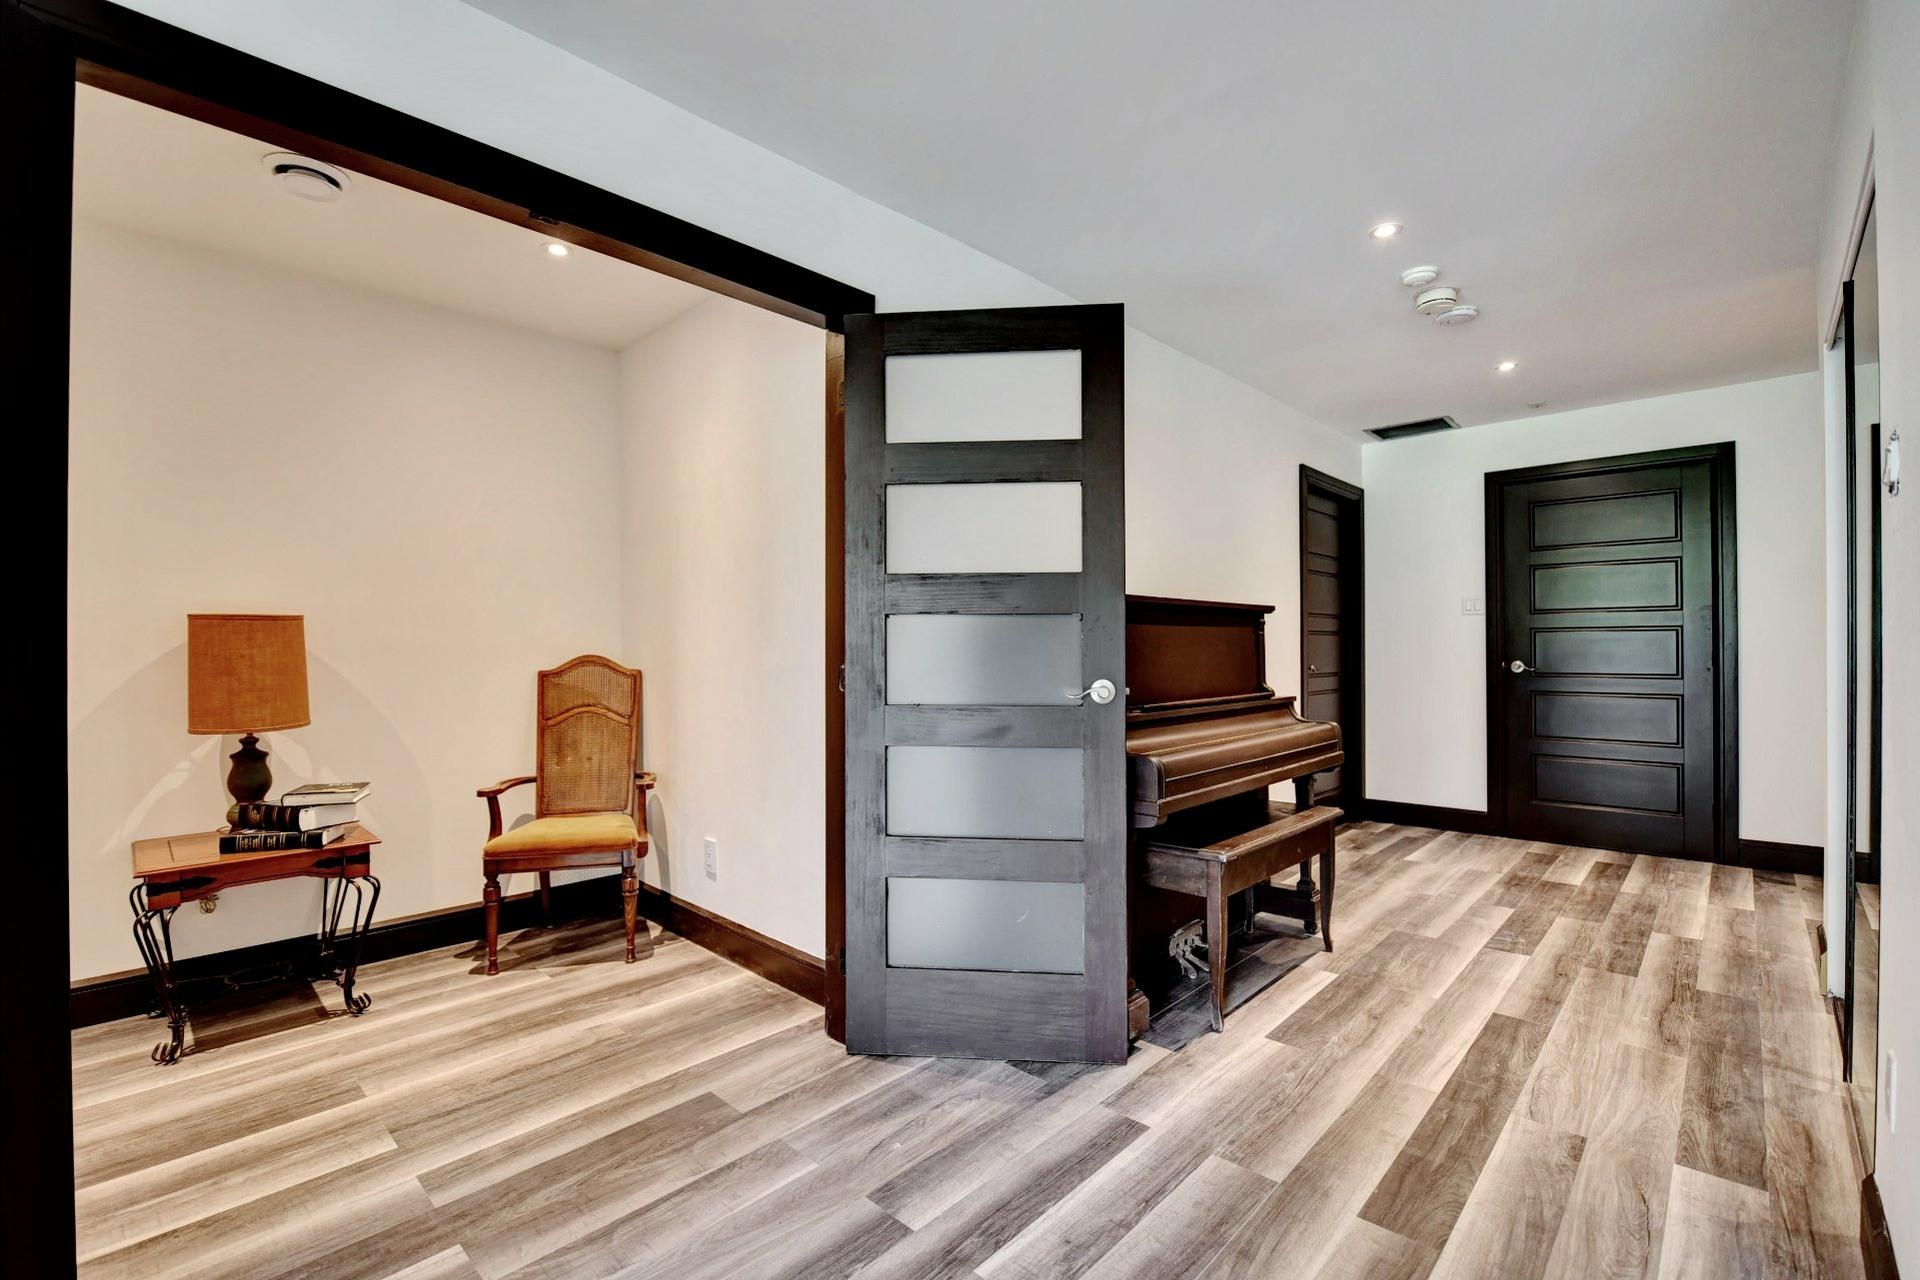 image 22 - Appartement À vendre Montréal Verdun/Île-des-Soeurs  - 8 pièces